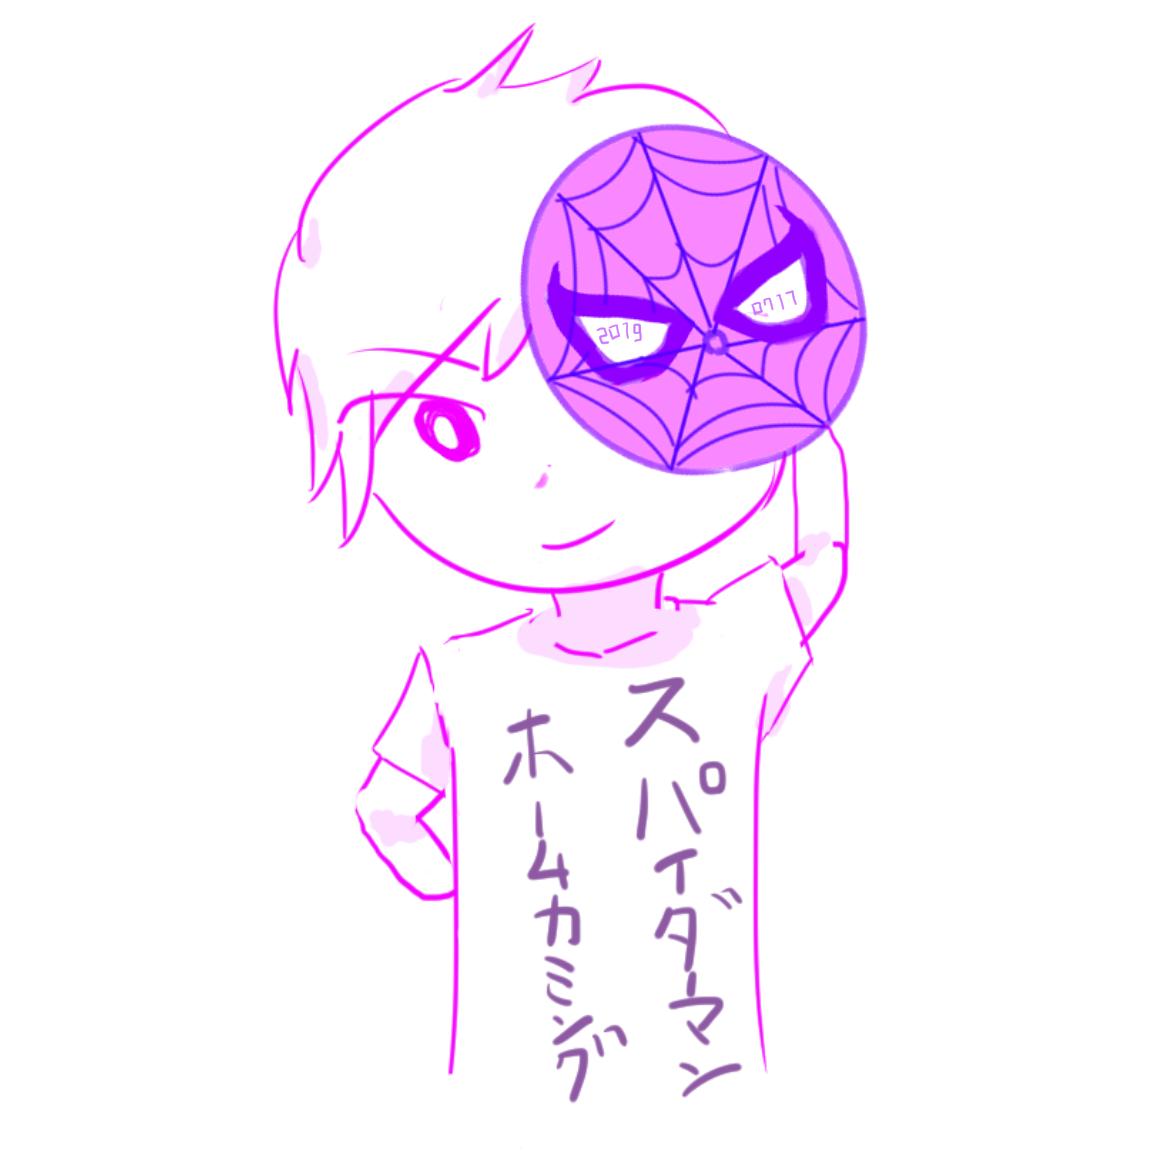 【映画】スパイダーマン・ホームカミング観たんで感想を語る(ネタバレあり)